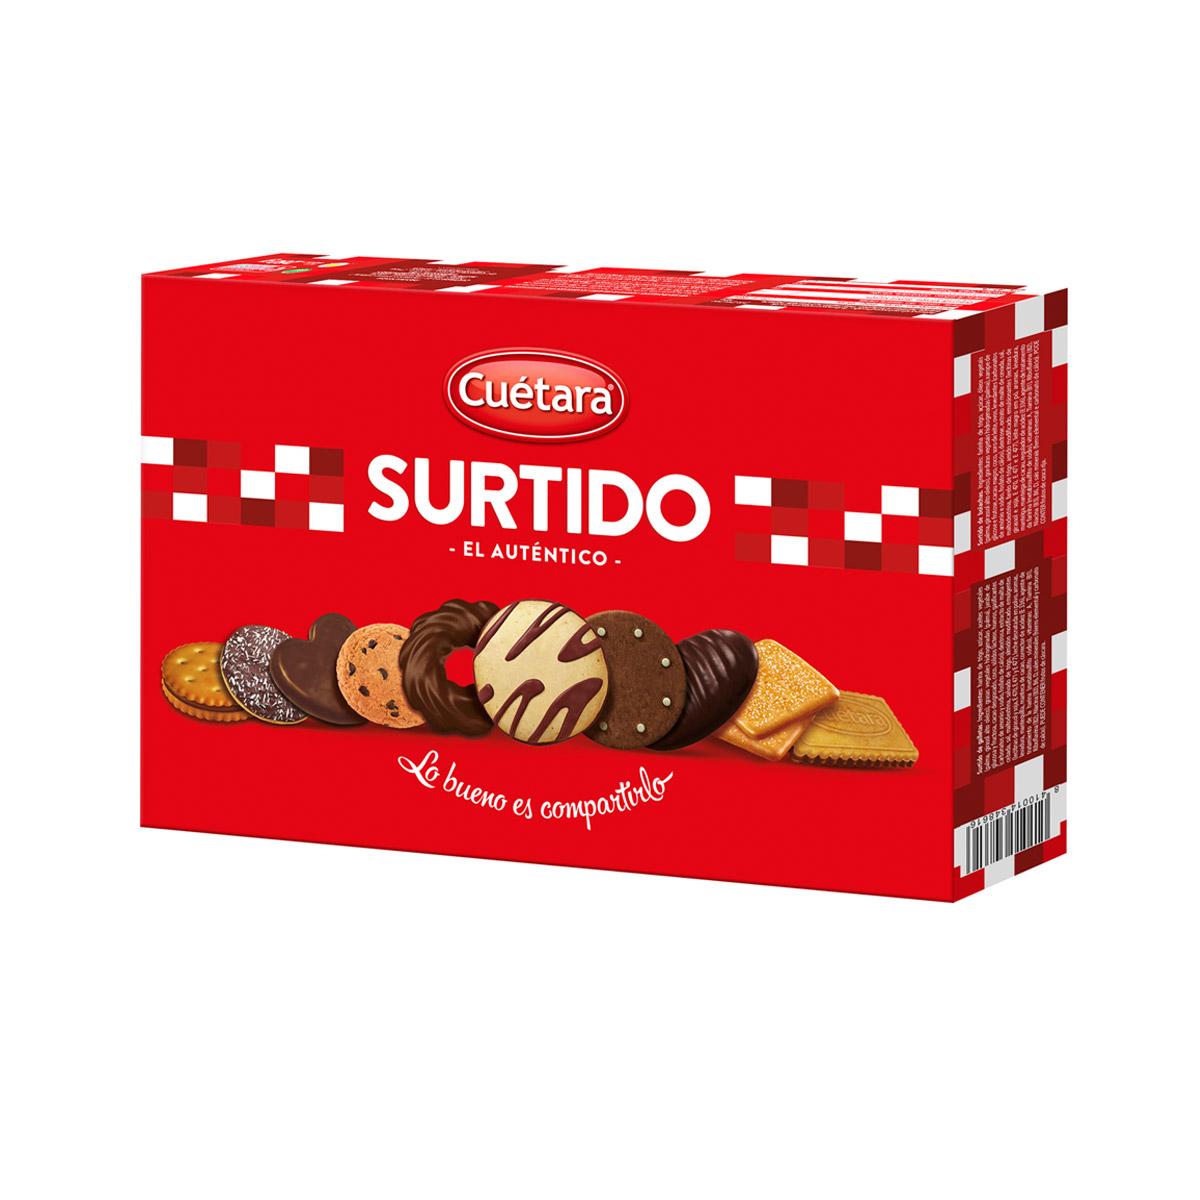 SURTIDO CUETARA 210GR